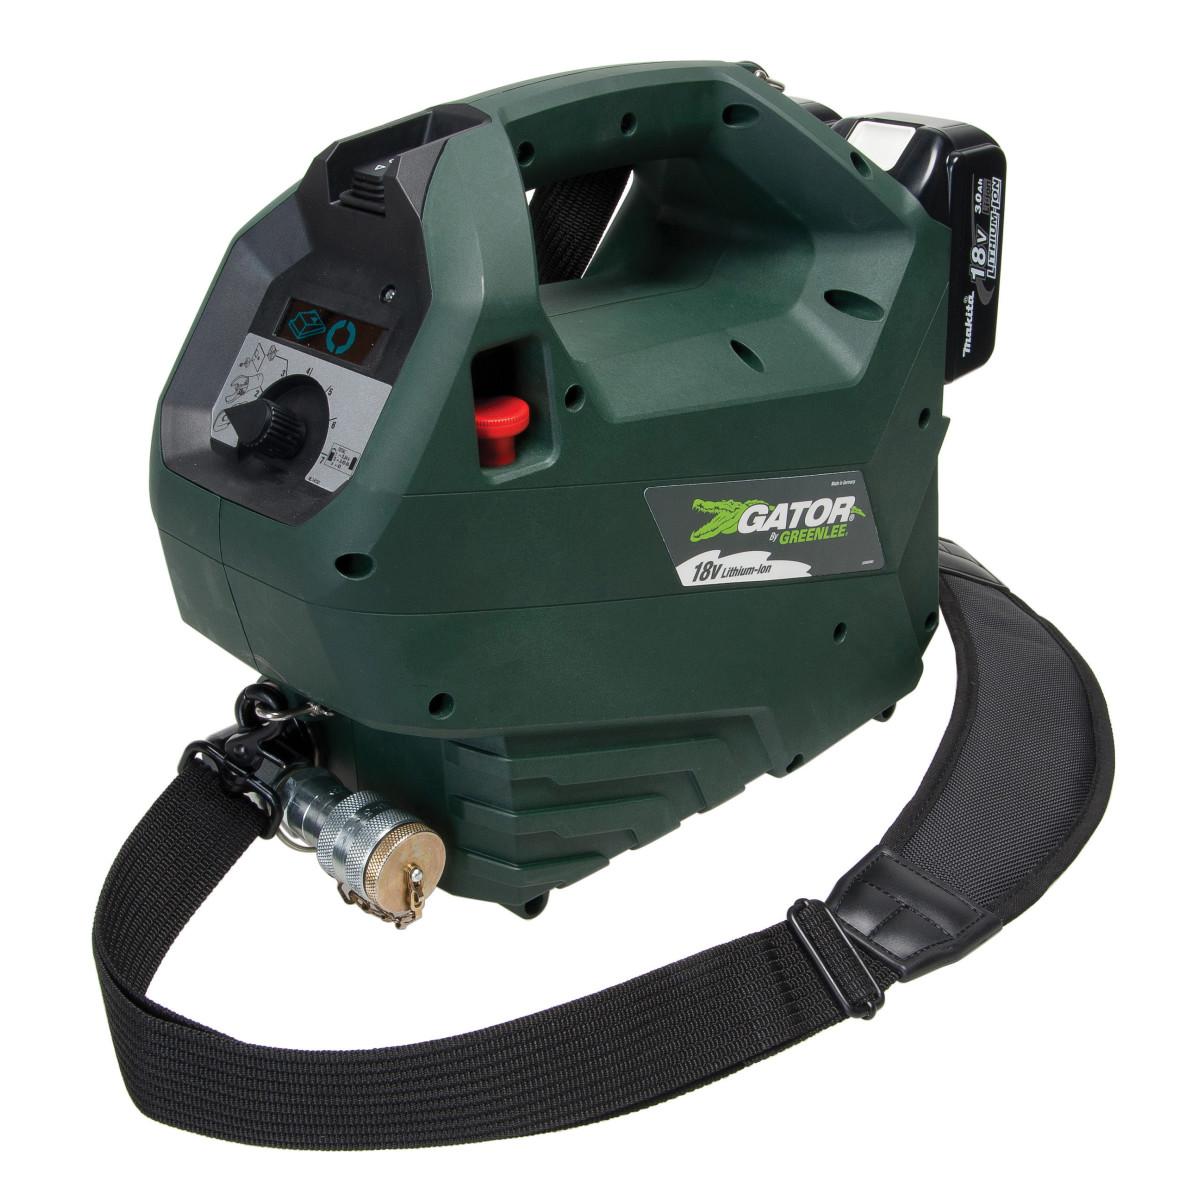 Greenlee EHP700L11 Power Pump Bat 120V Chrgr